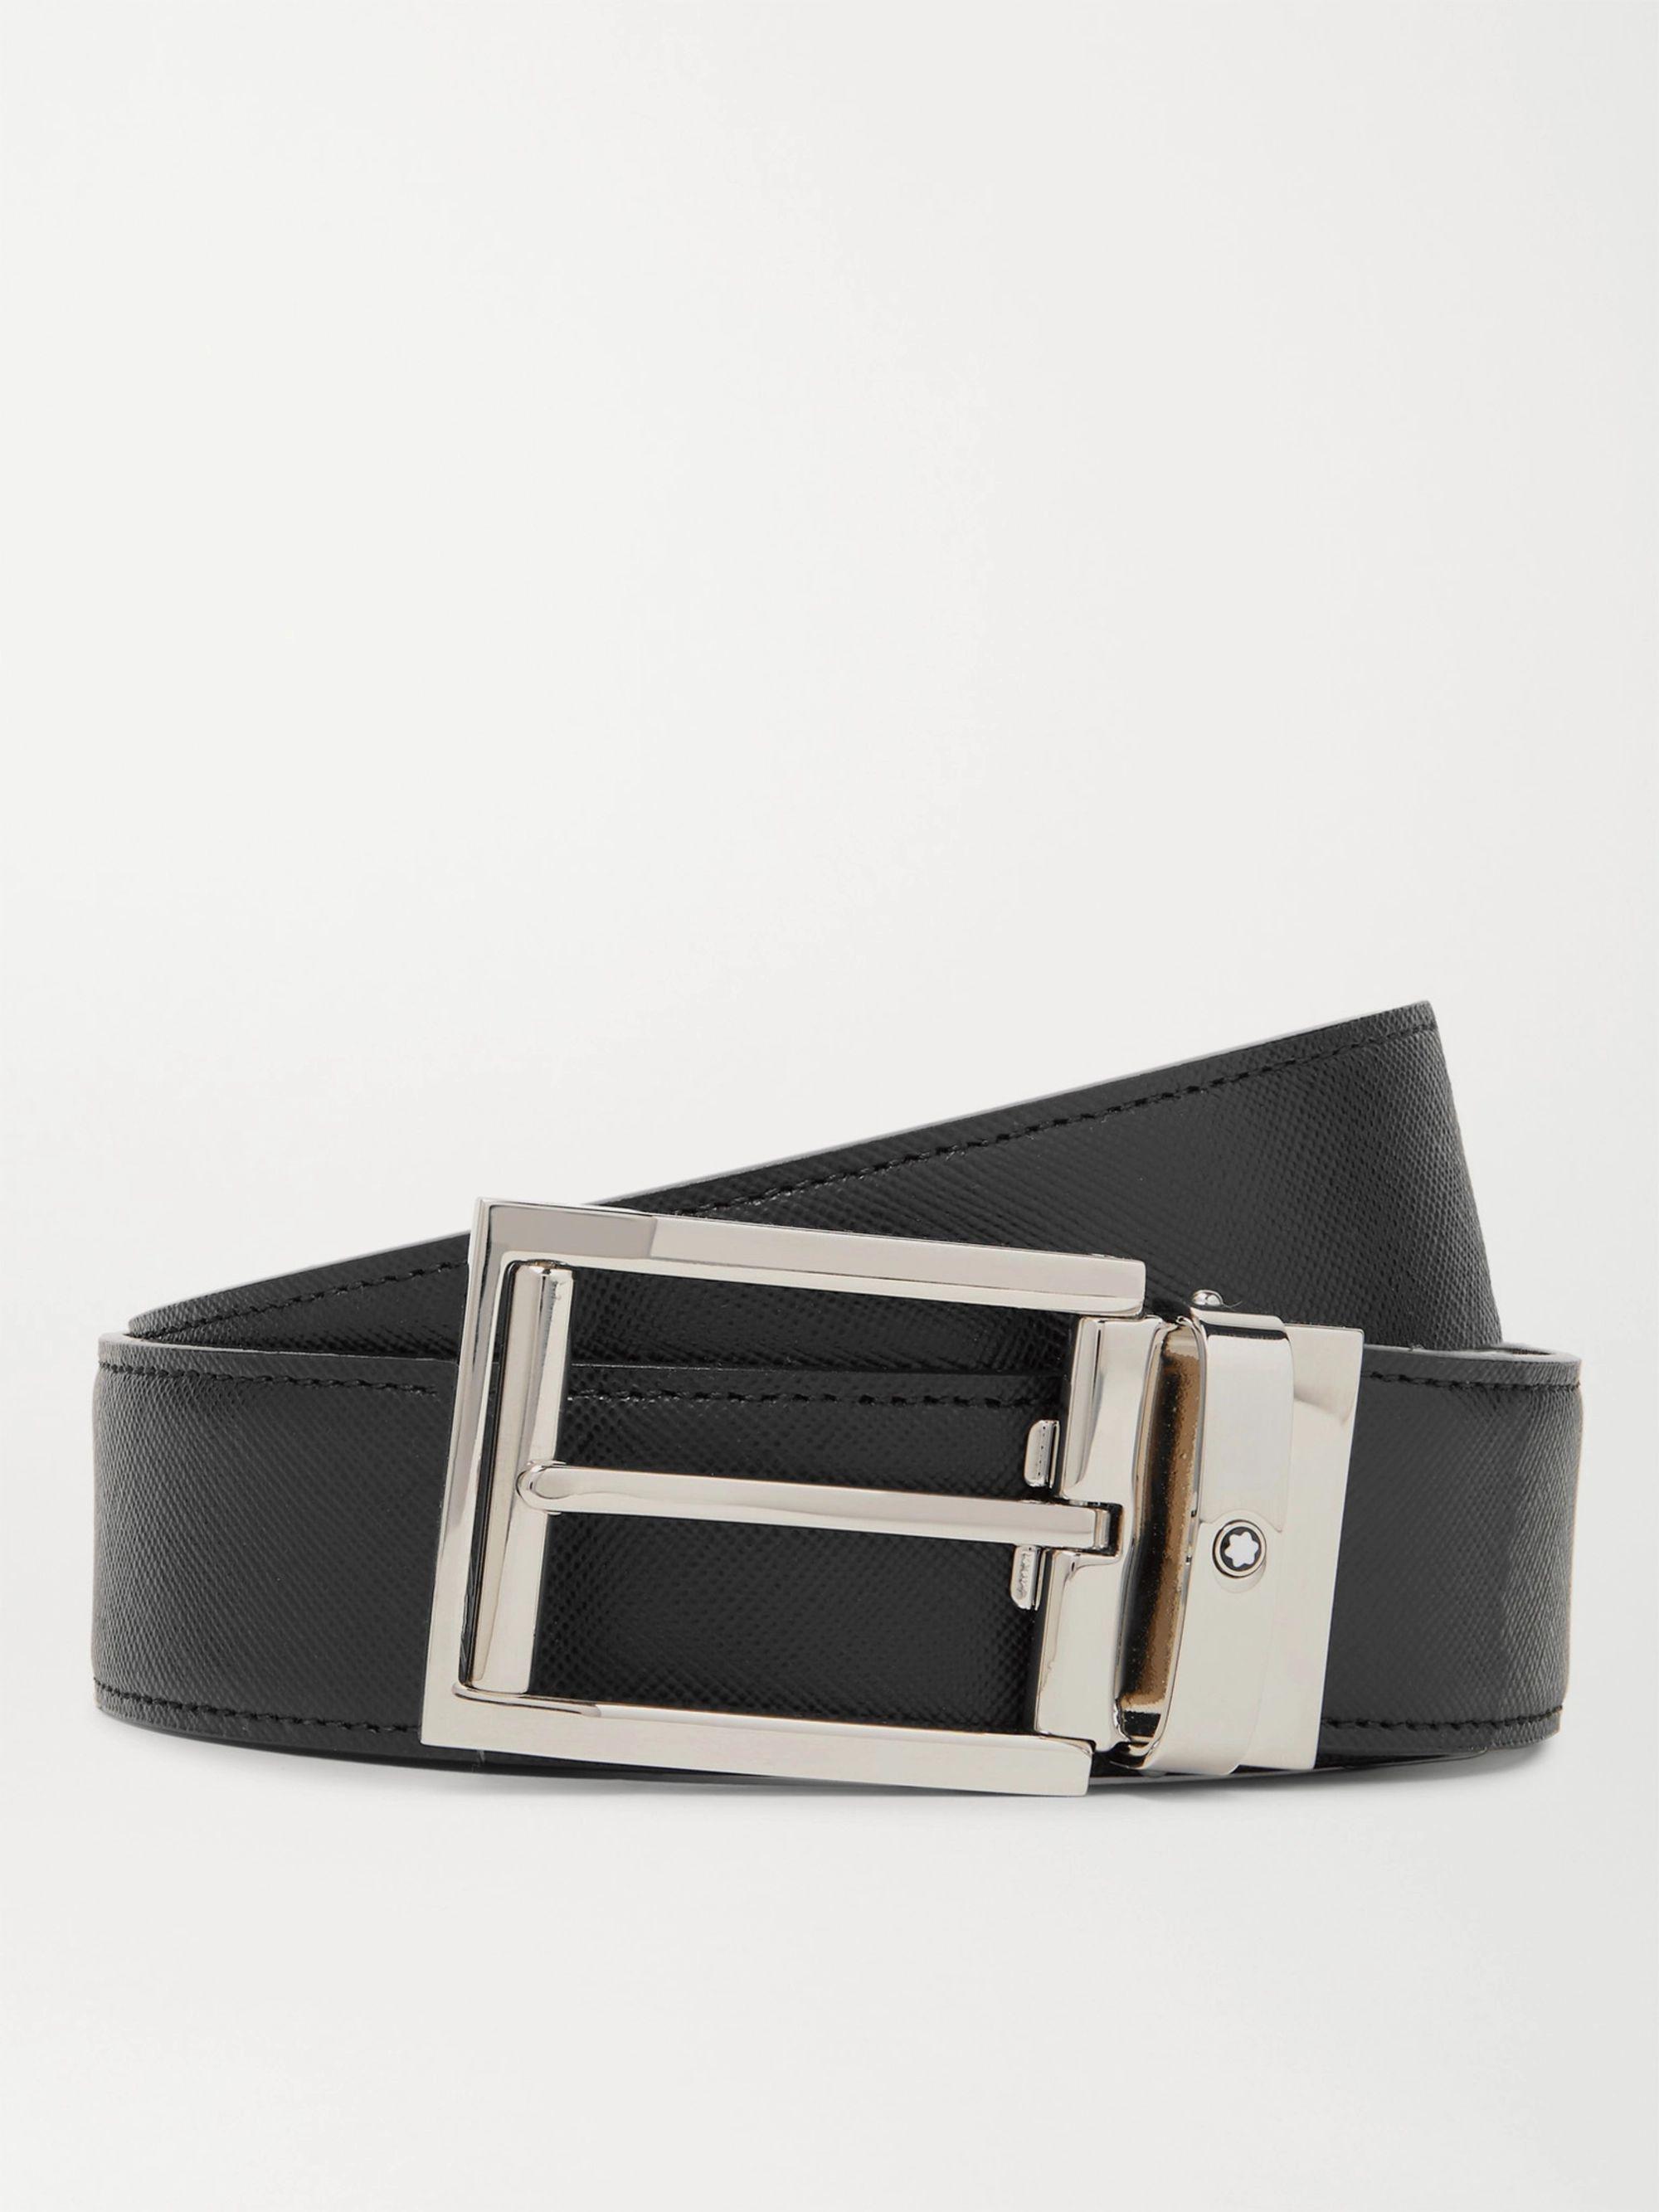 몽블랑 Montblanc 3.5cm Black and Brown Reversible Cross-Grain Leather Belt